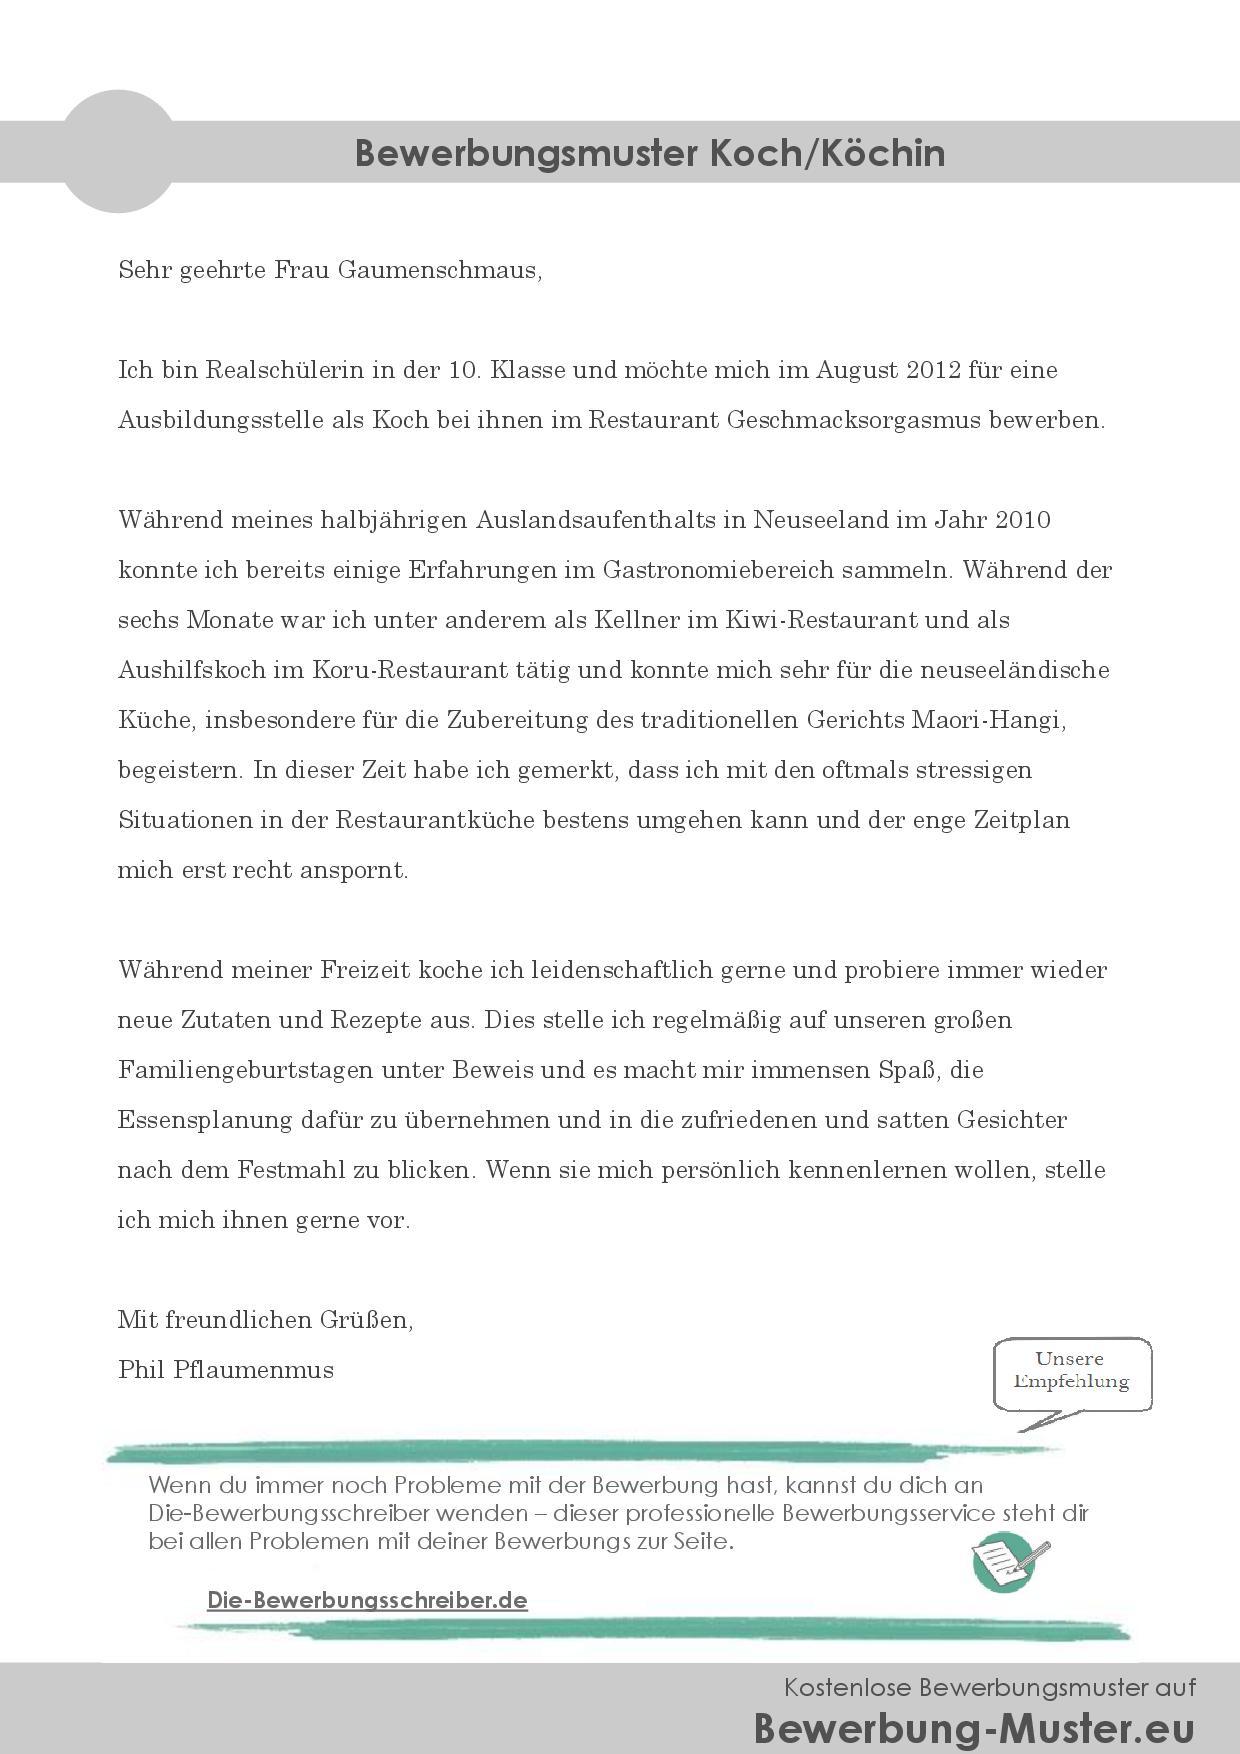 Professionelles & kostenloses Bewerbungsmuster - Koch/Köchin